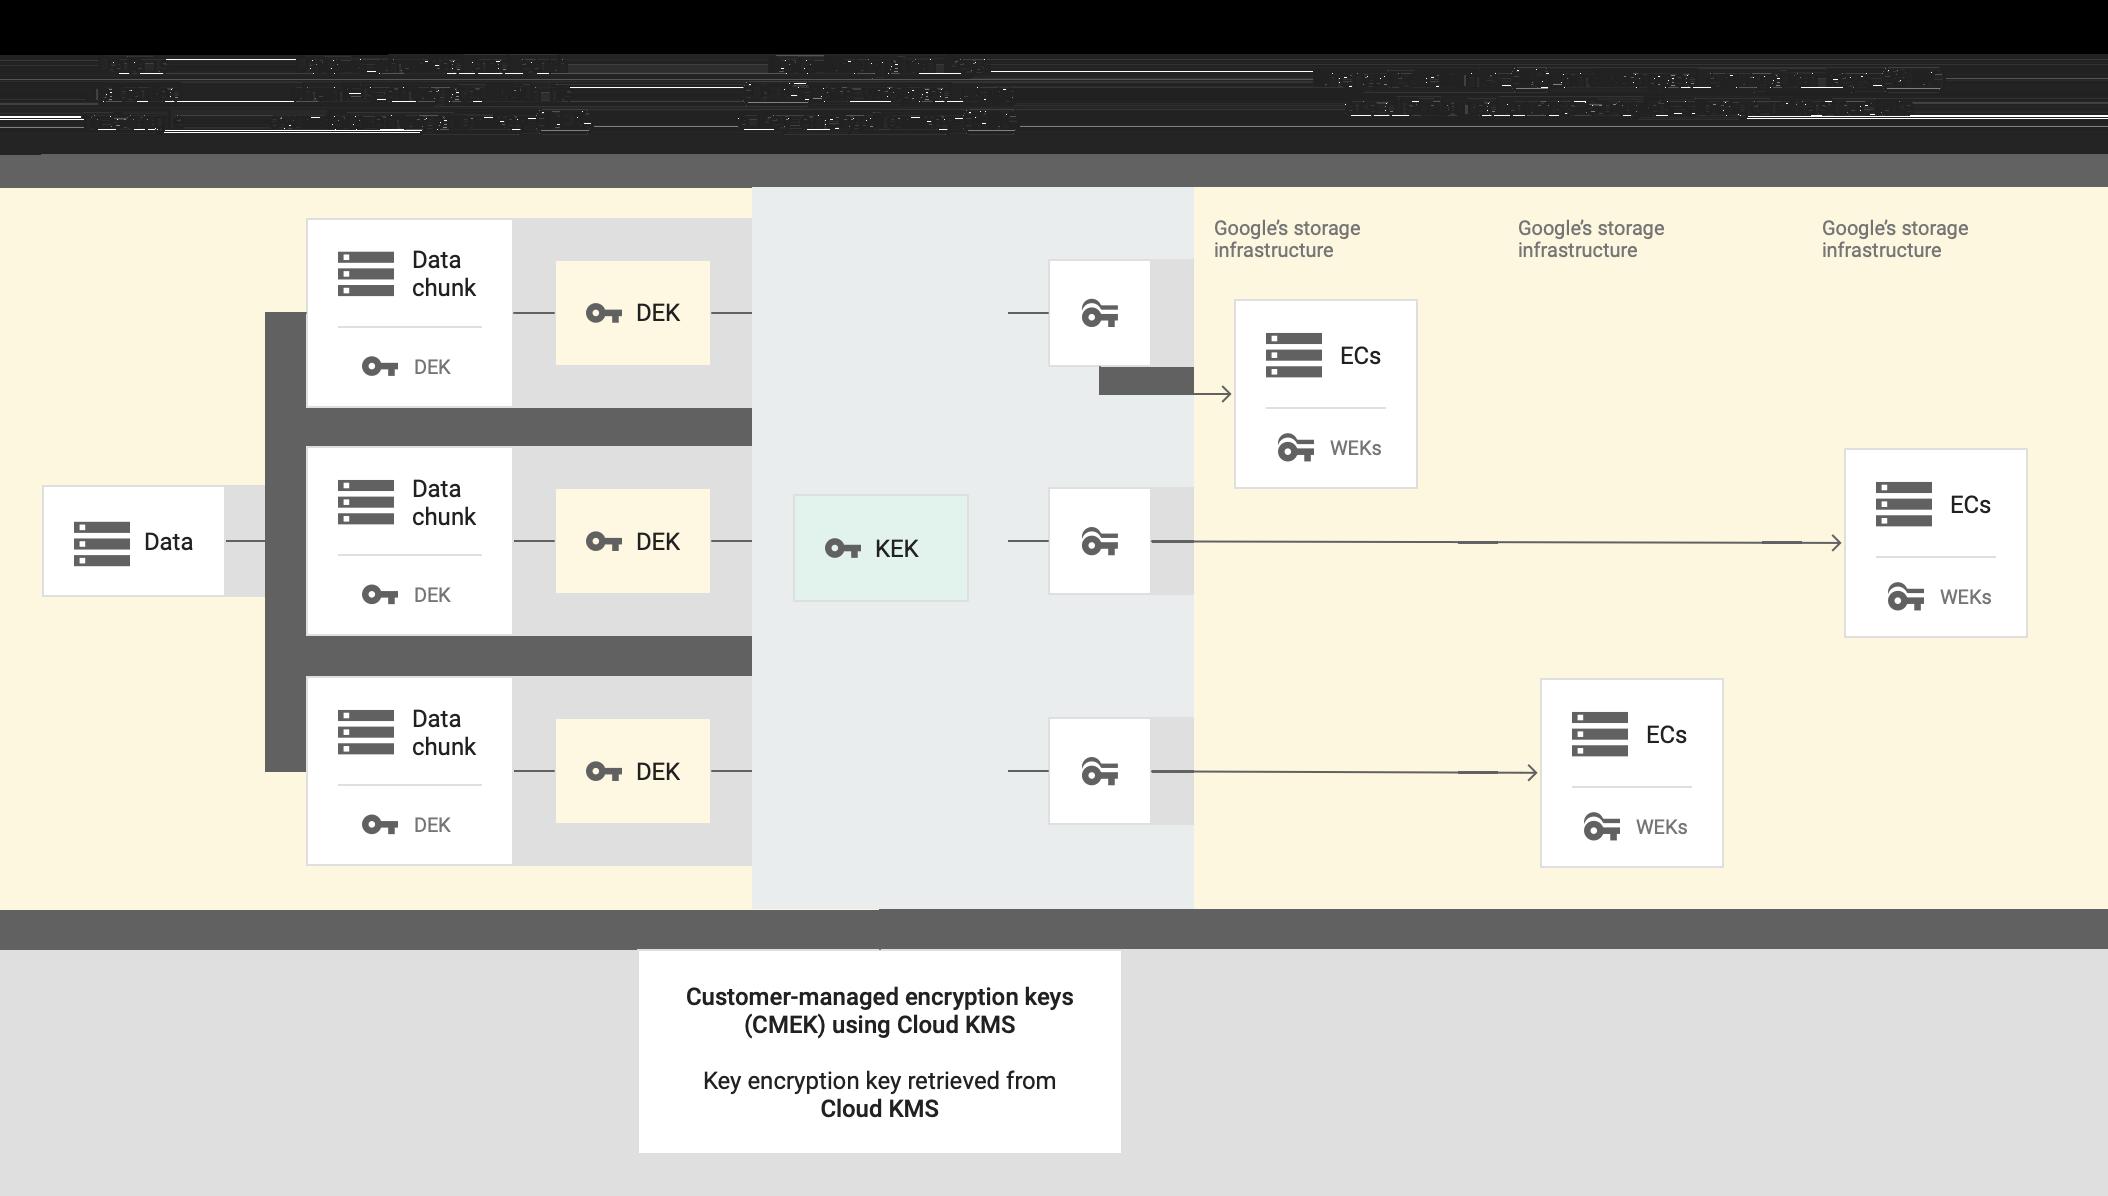 Die Daten werden auf Google hochgeladen, dann in Blöcke aufgeteilt und jeder Block wird mit einem eigenen Datenverschlüsselungsschlüssel verschlüsselt. Datenverschlüsselungsschlüssel werden mit einem Schlüsselverschlüsselungsschlüssel verpackt. Bei CMEK unter Verwendung von Cloud KMS wird der Schlüsselverschlüsselungsschlüssel vom Cloud KMS abgerufen. Verschlüsselte Blöcke und verpackte Verschlüsselungsschlüssel werden über die Speicherinfrastruktur von Google verteilt.